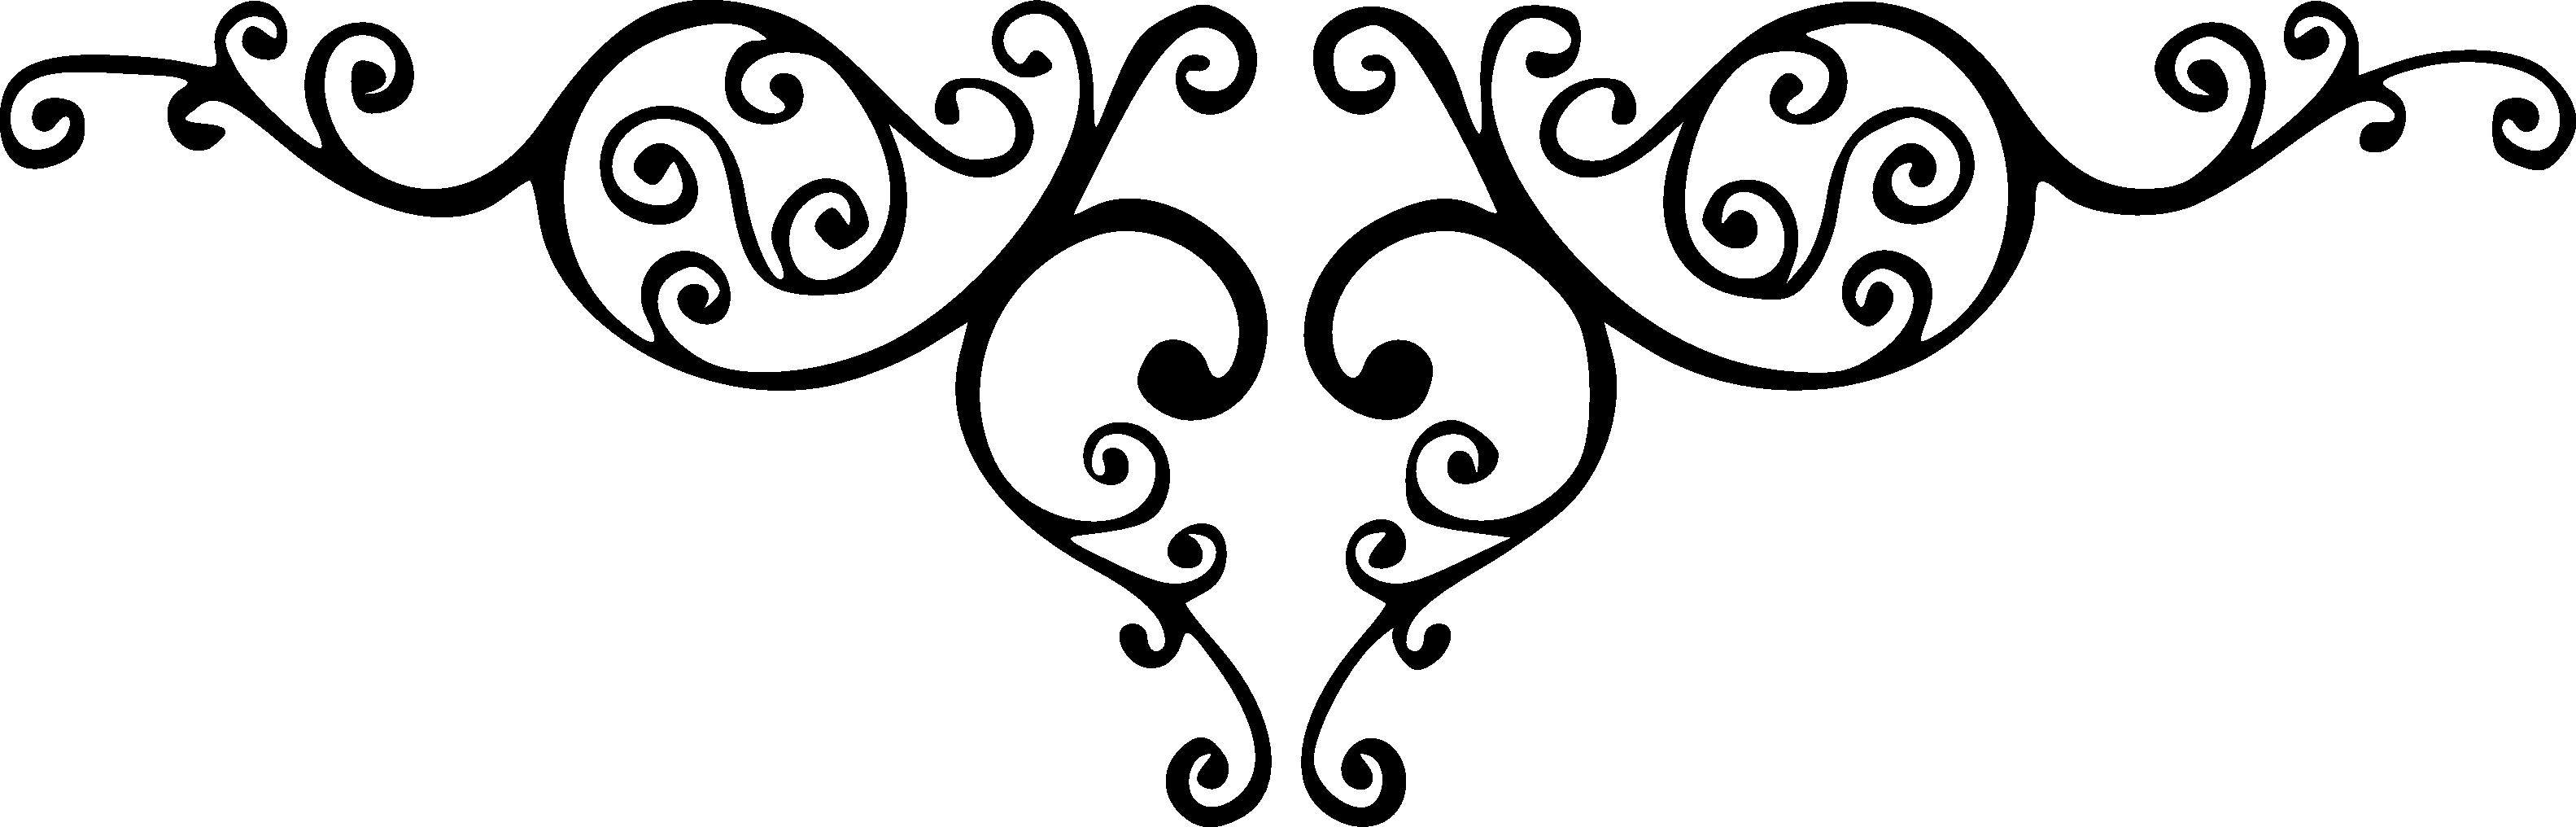 Картинки завитушки для оформления текста